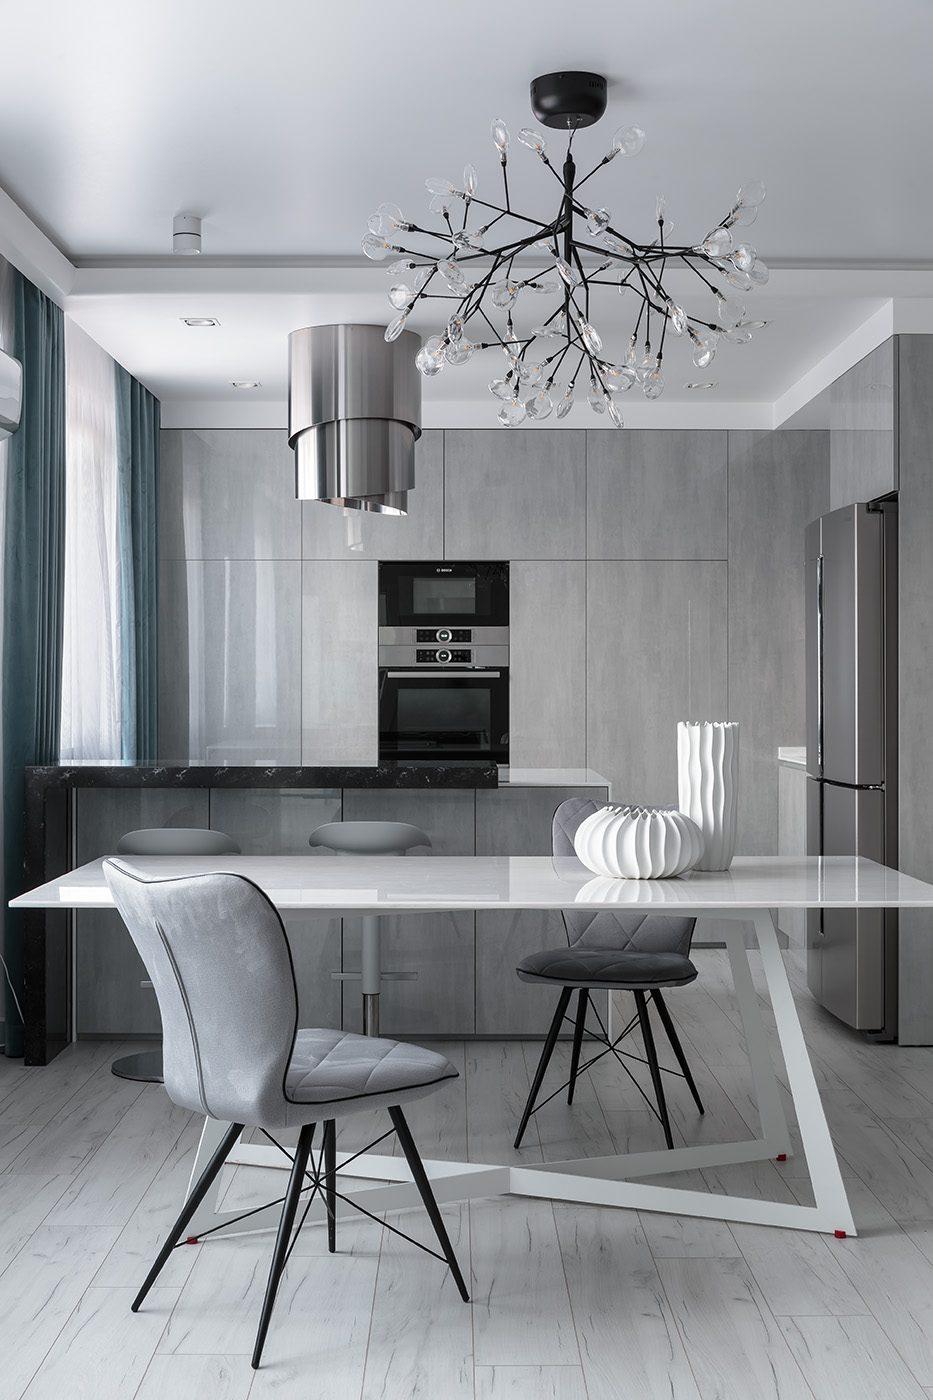 Дизайн и производство кухонного стола из стекла и металла